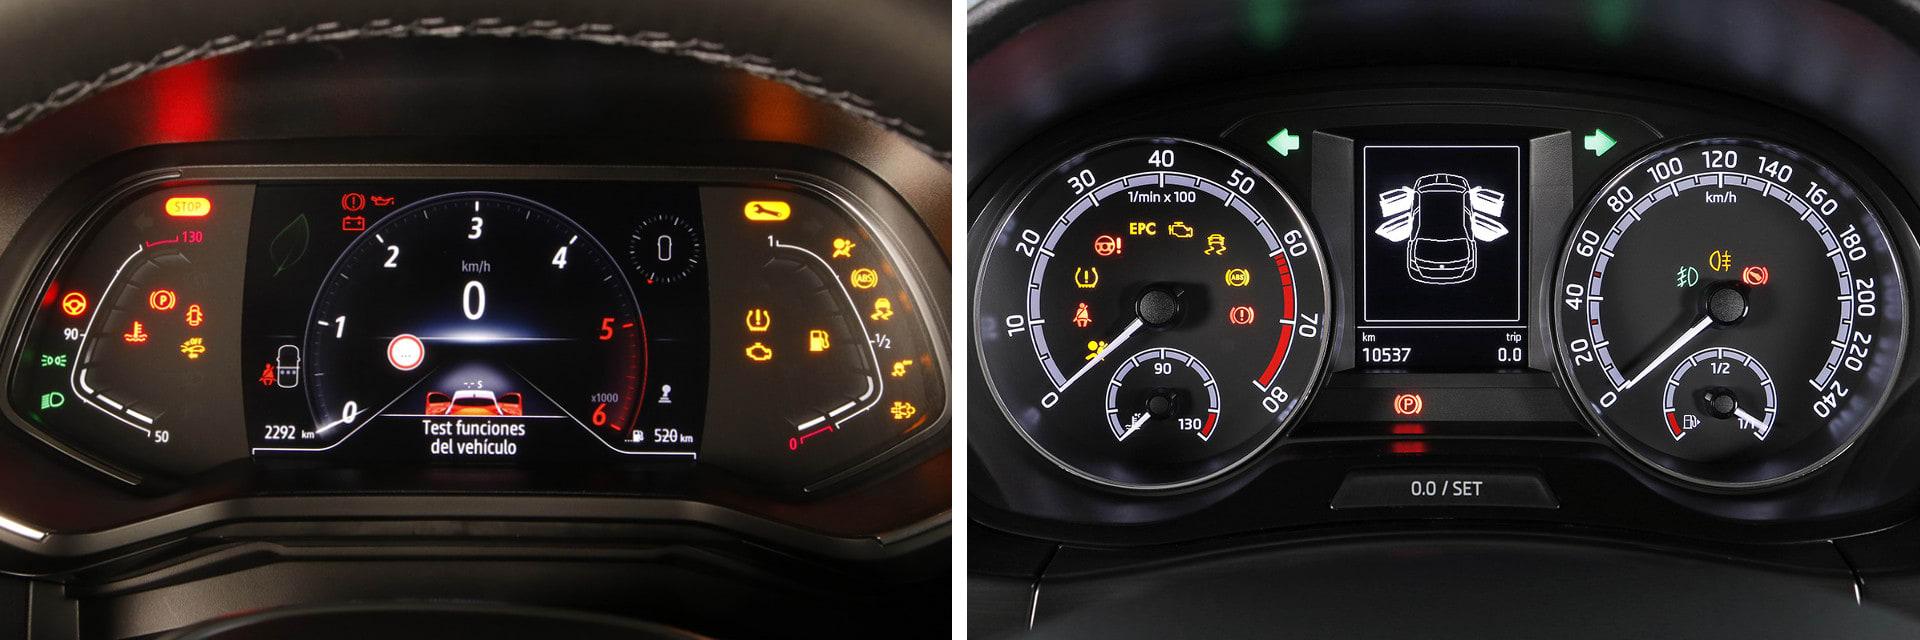 Como opción, el Clio (izq.) puede venir con una pantalla digital en el centro de la instrumentación; en el Škoda (dcha.) no existe esa opción. / km77